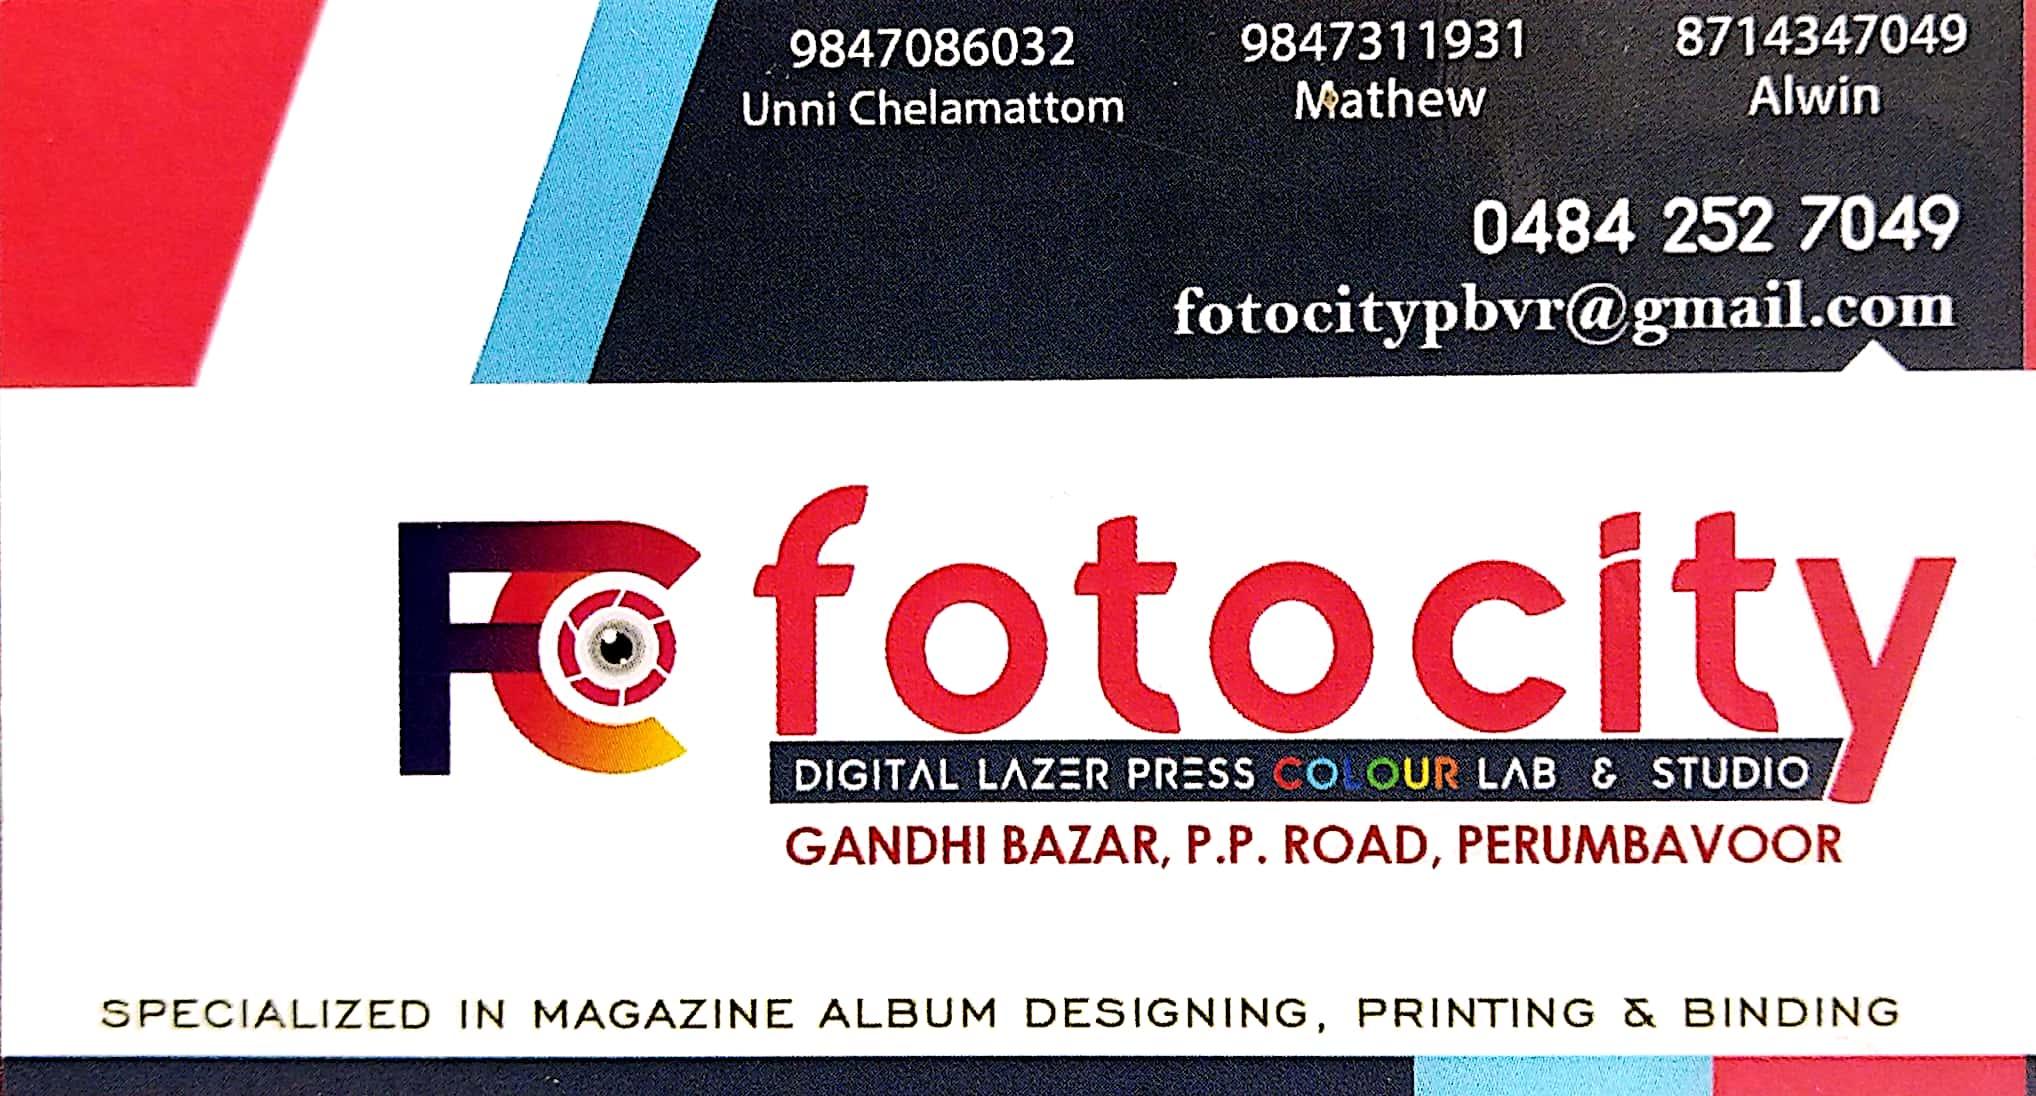 FOTO CITY, GRAPHICS & DIGITAL PRINTING,  service in Perumbavoor, Ernakulam